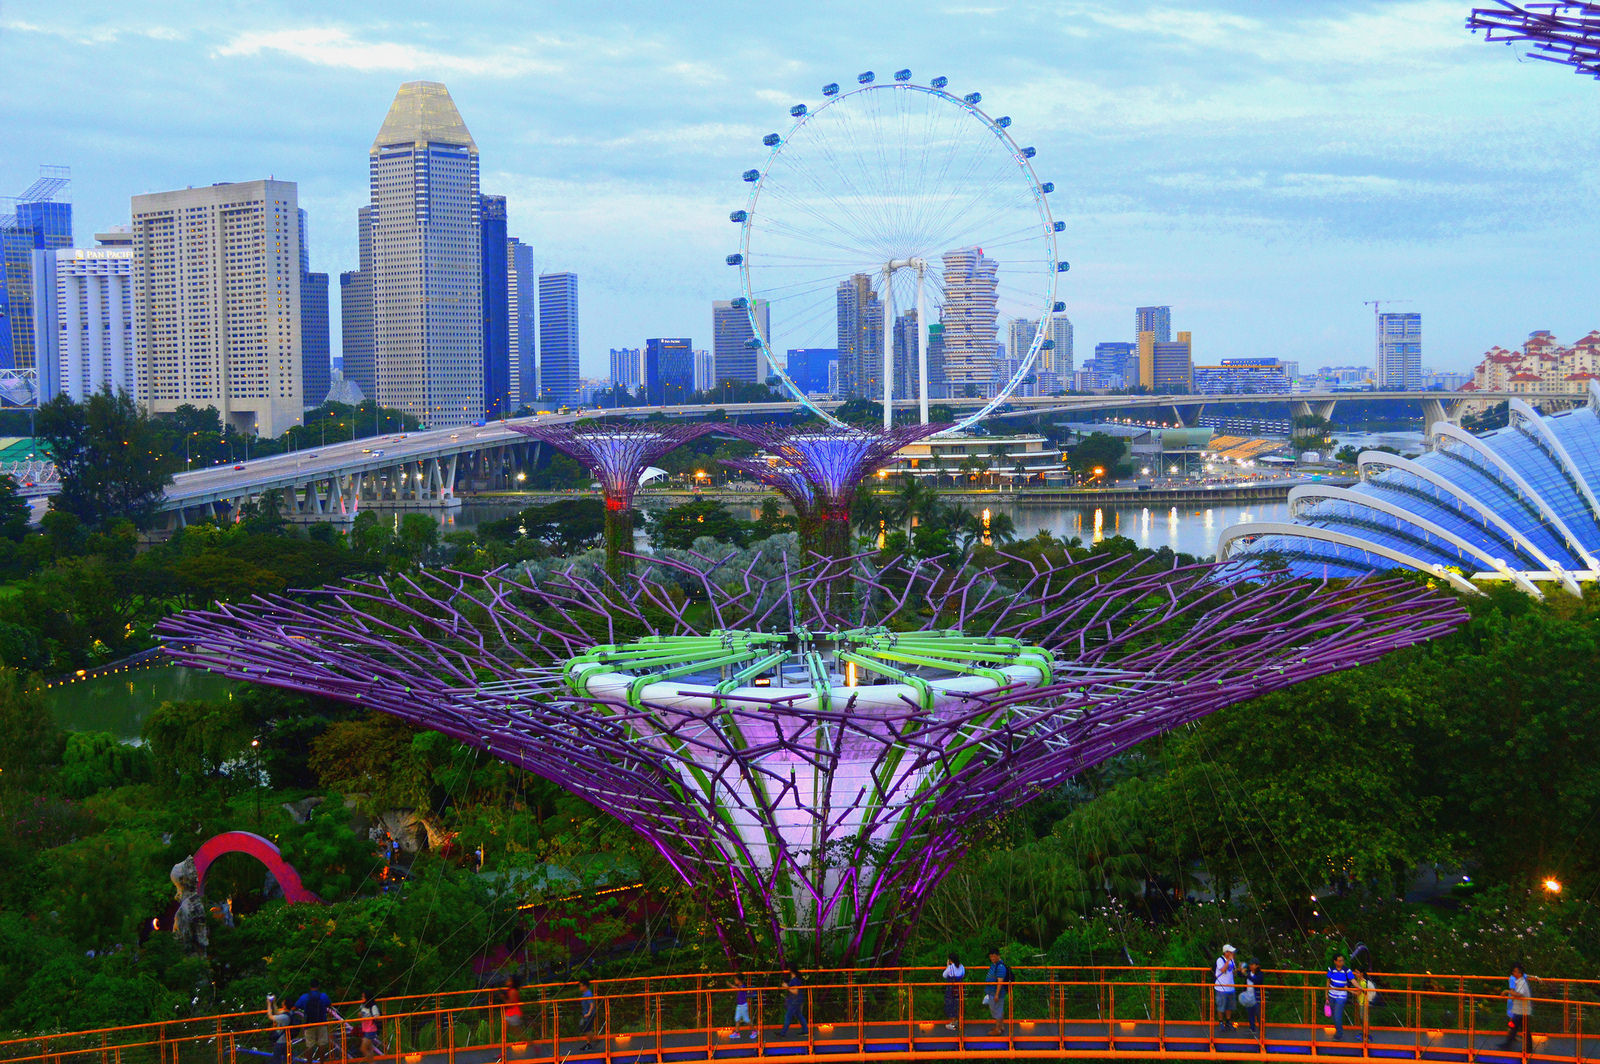 Singapore - South East Asia - Frederico Domondon